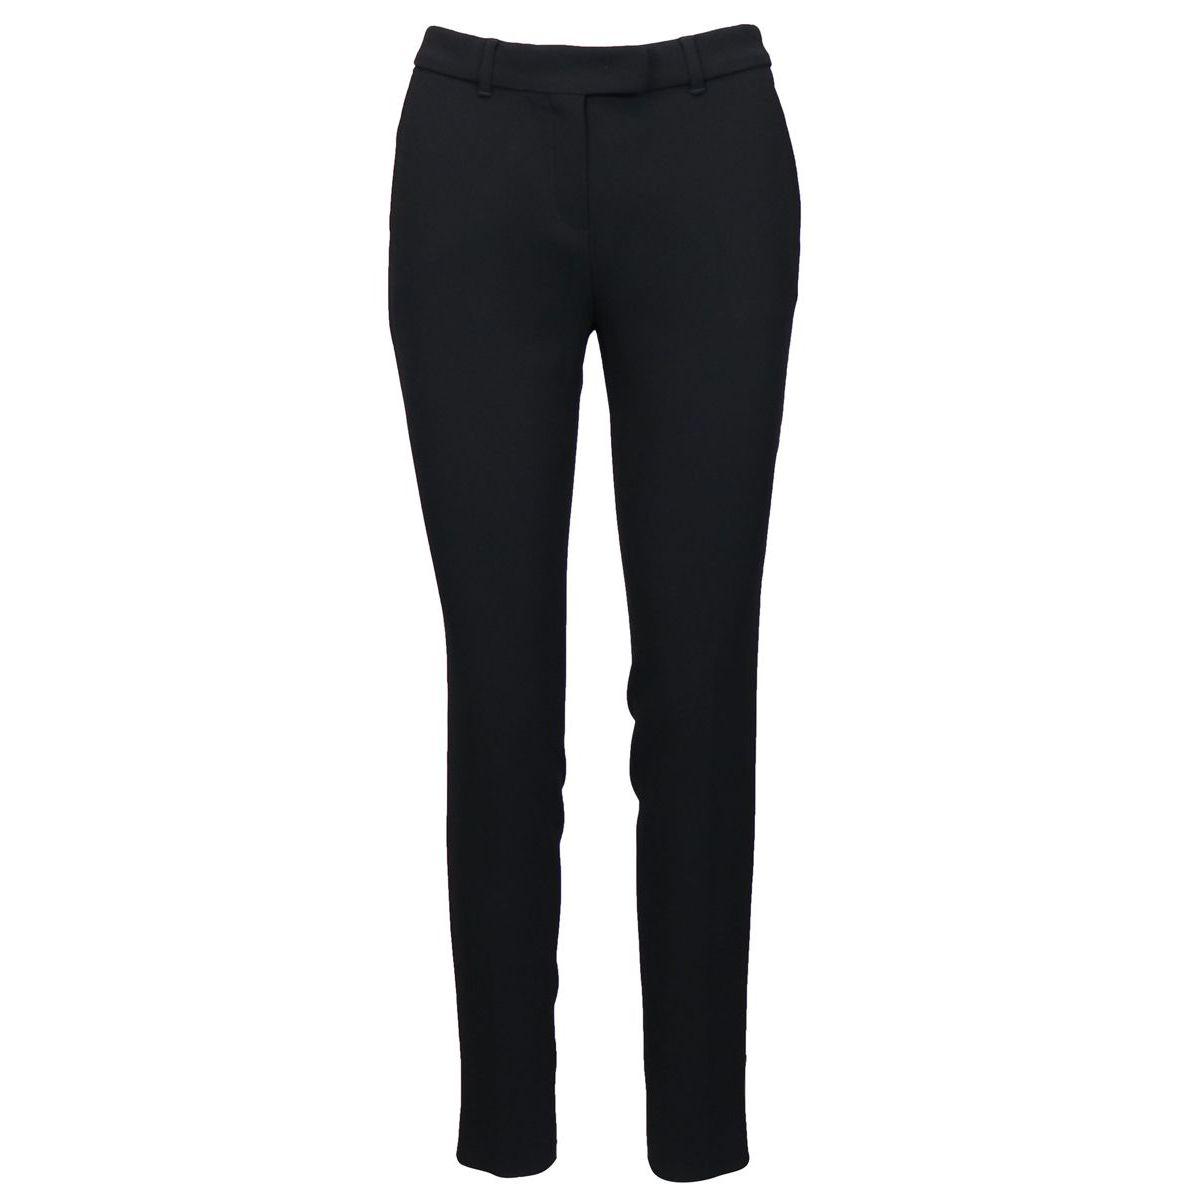 Slim crepe trousers Black Max Mara